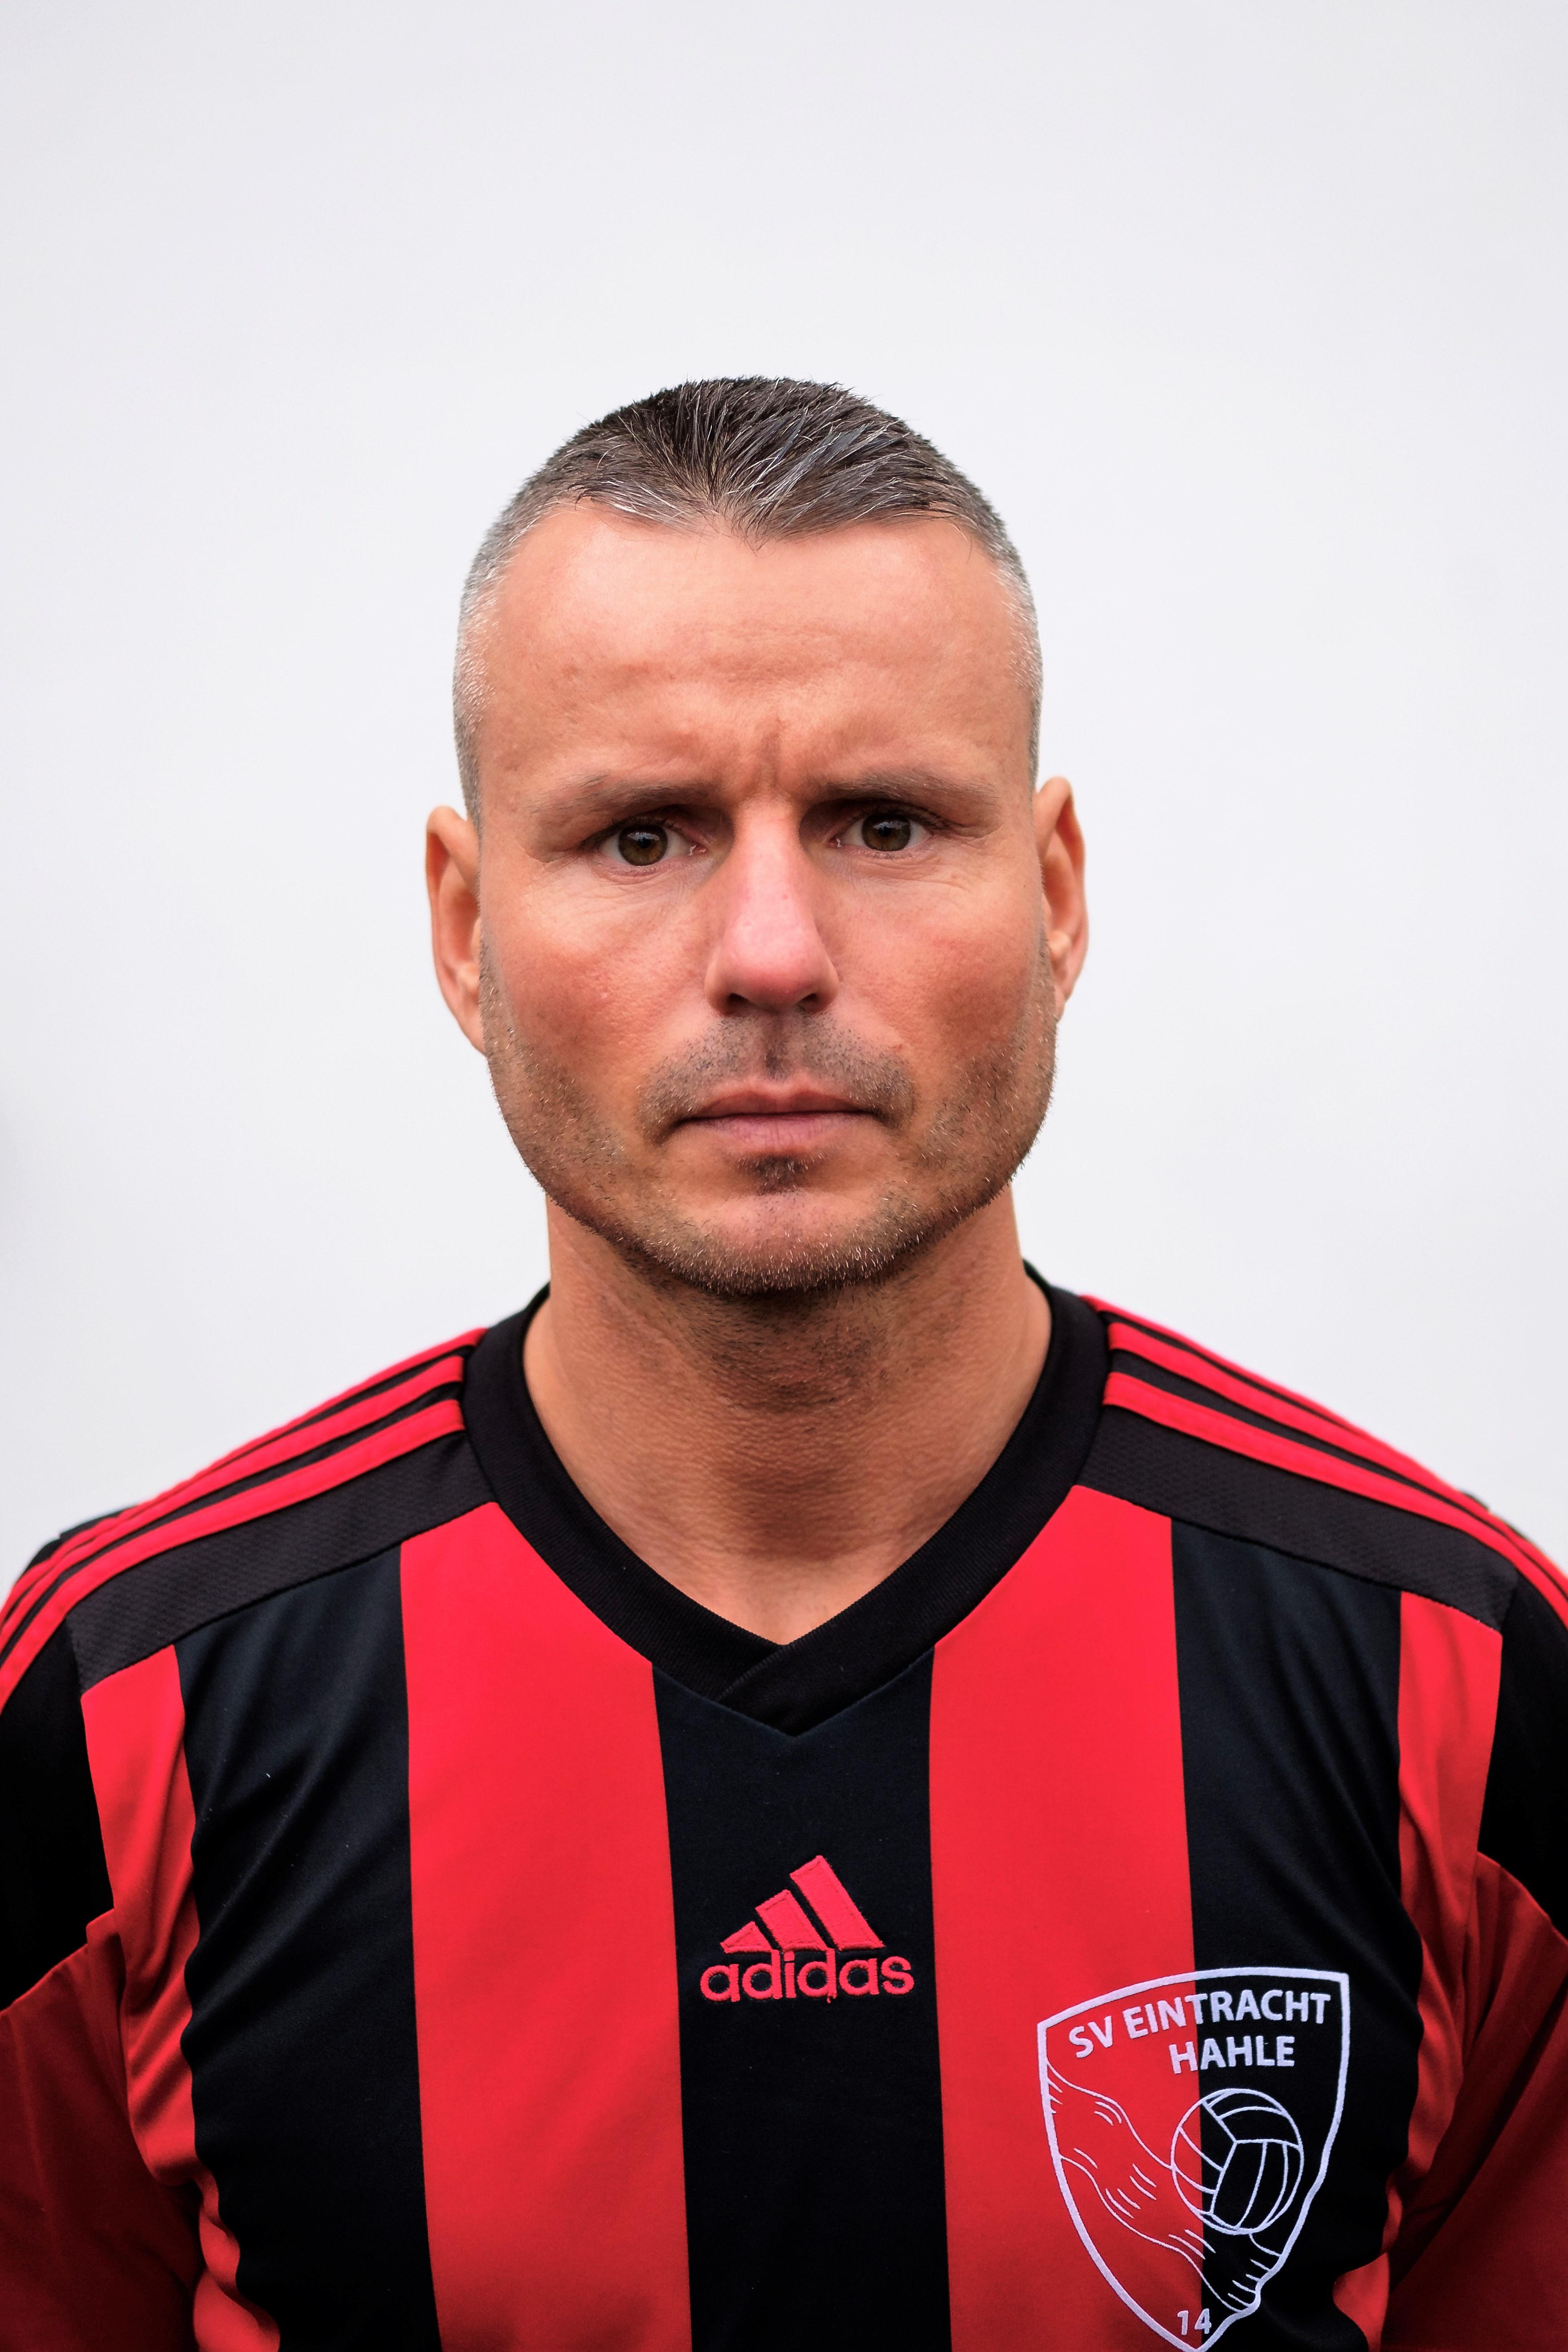 Christian Gasau